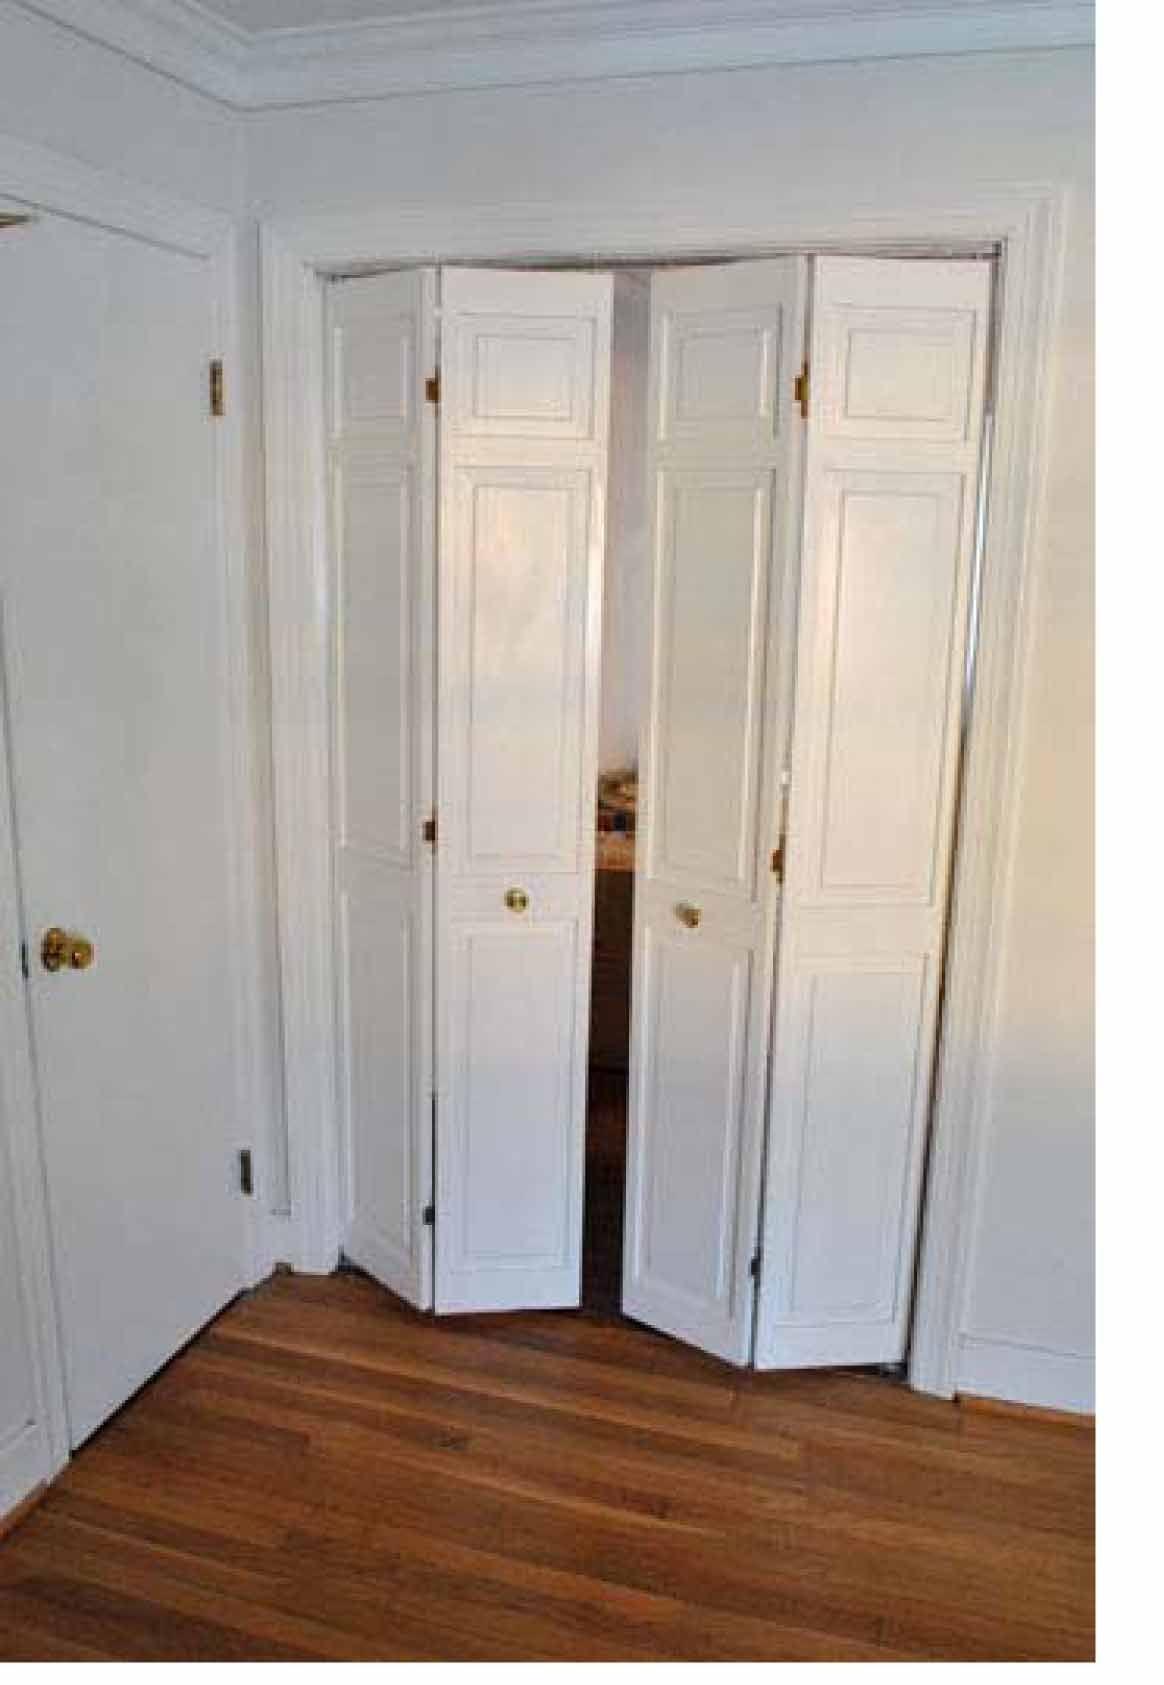 Bifold Mirrored Closet Door Pulls Closet Door Handles Small Closet Door Ideas Bifold Closet Doors